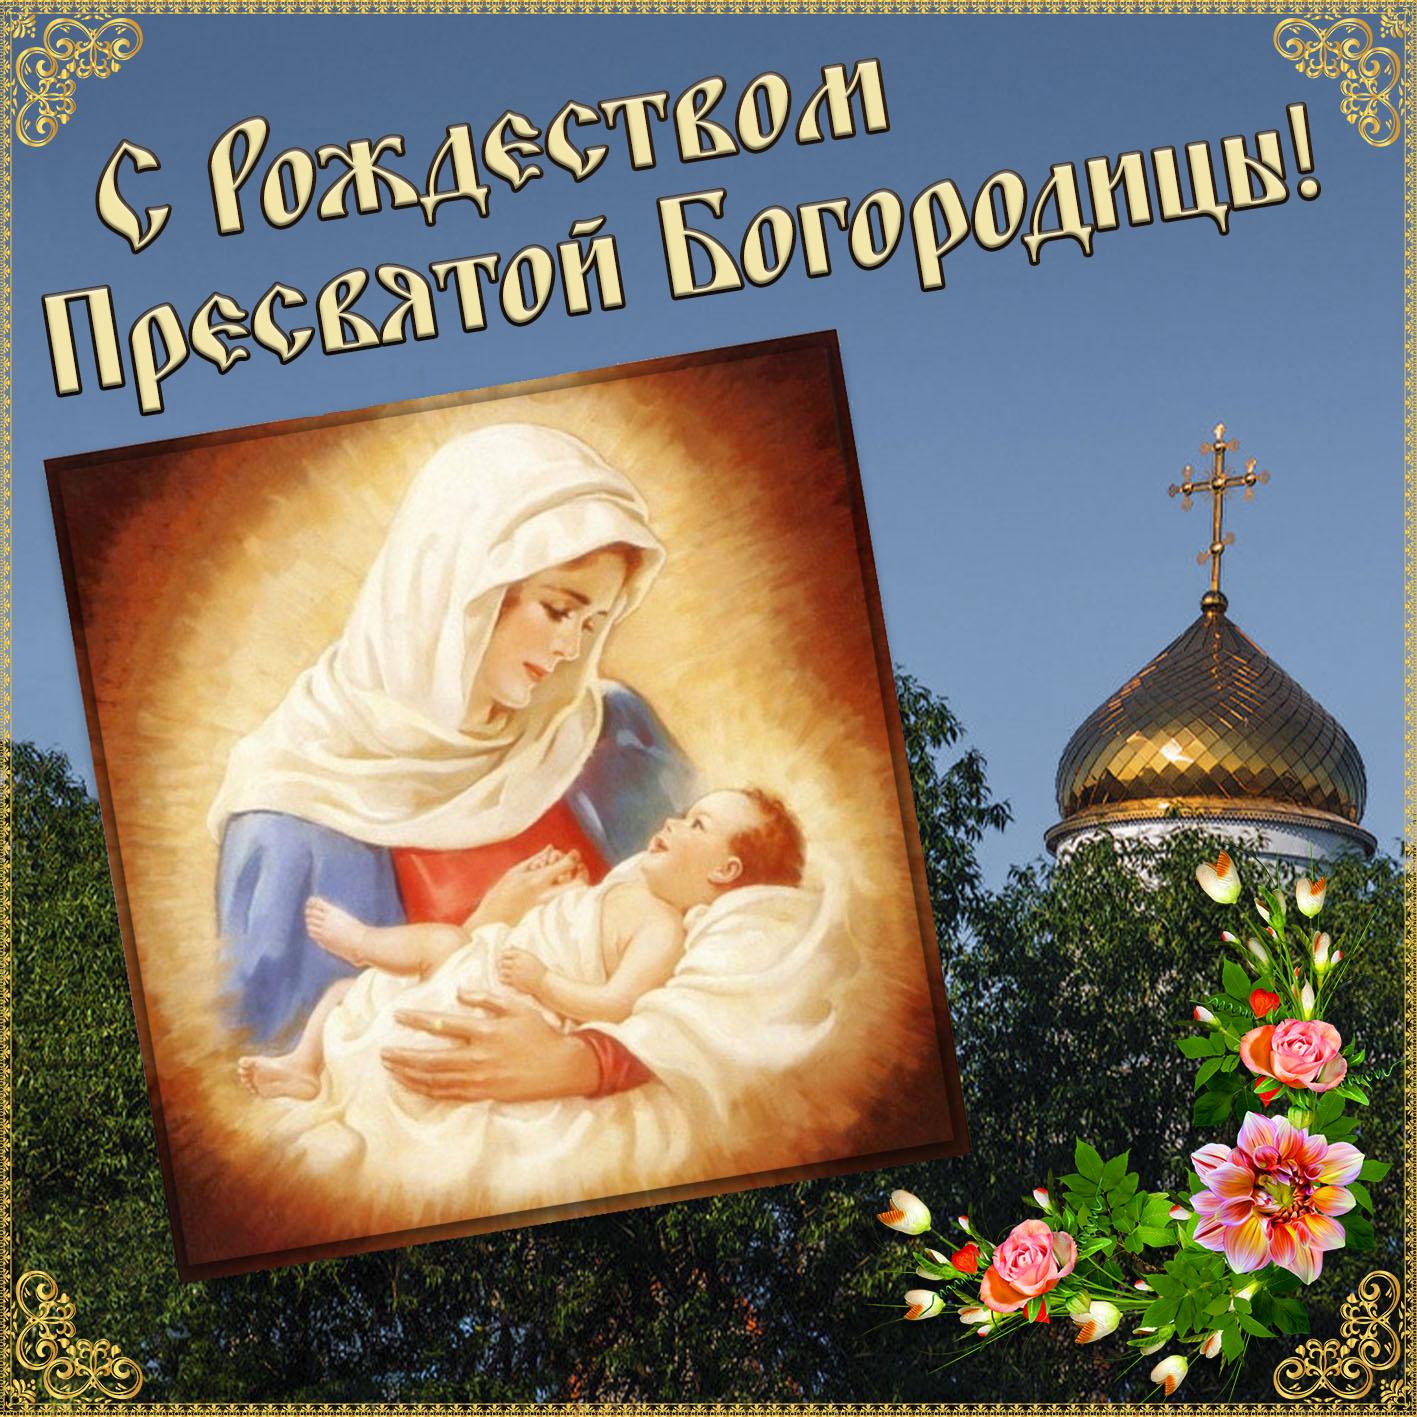 открытки и поздравления с пресвятой богородицей